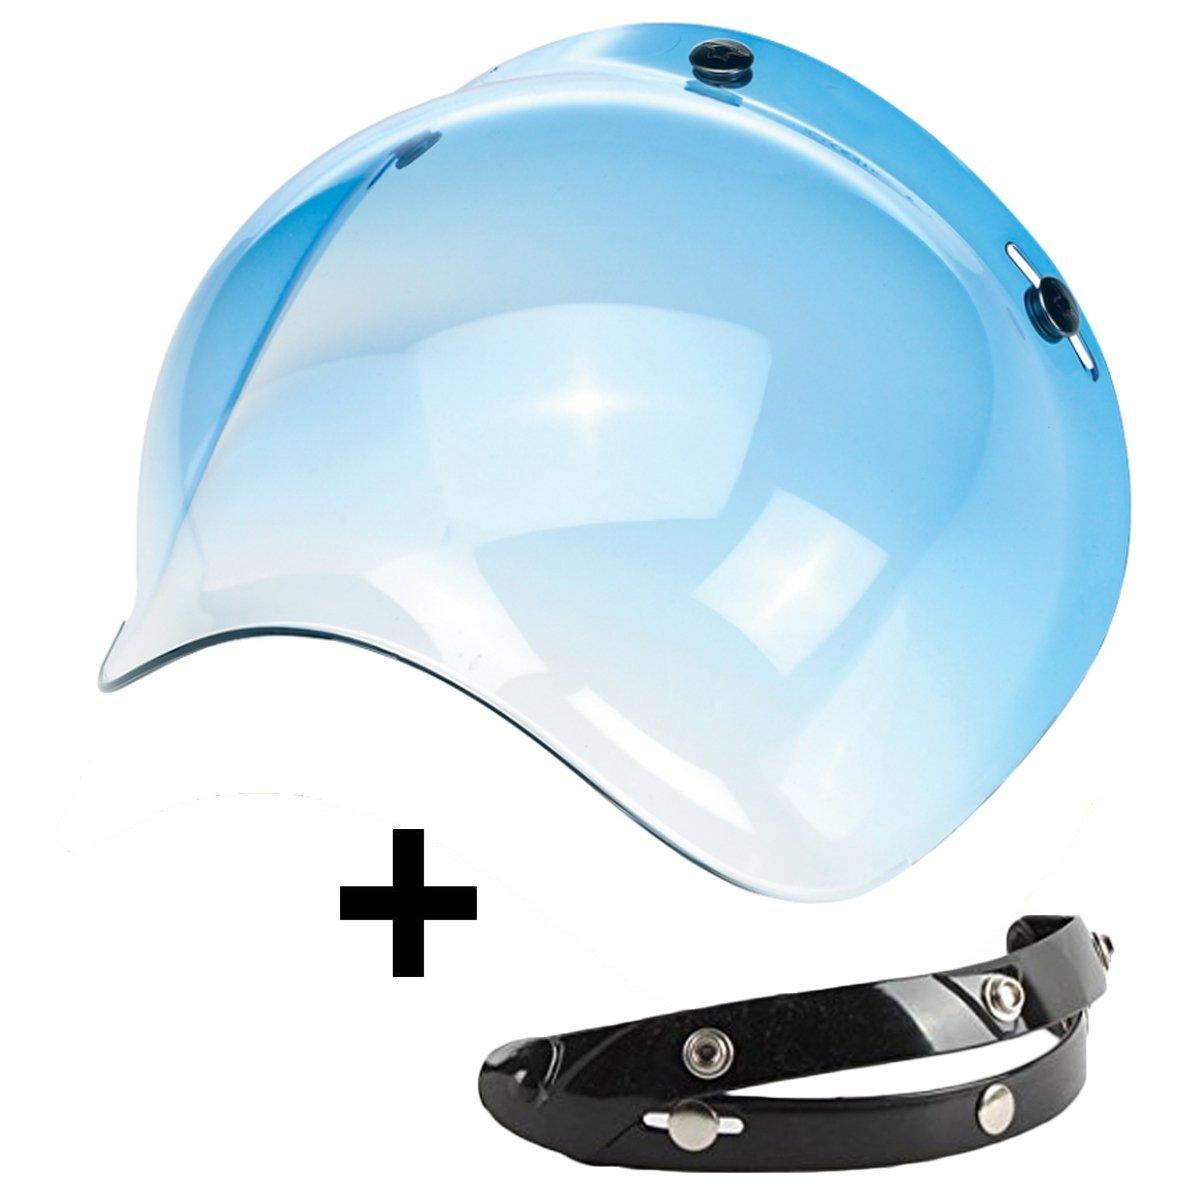 Visier Bubble Drei Knö pfen klappbar blau hellblau Universal-Helm Jet Kompatibel mit Helme Biltwell Bell DMD Bandit AFX Nolan AGV -aftermarket